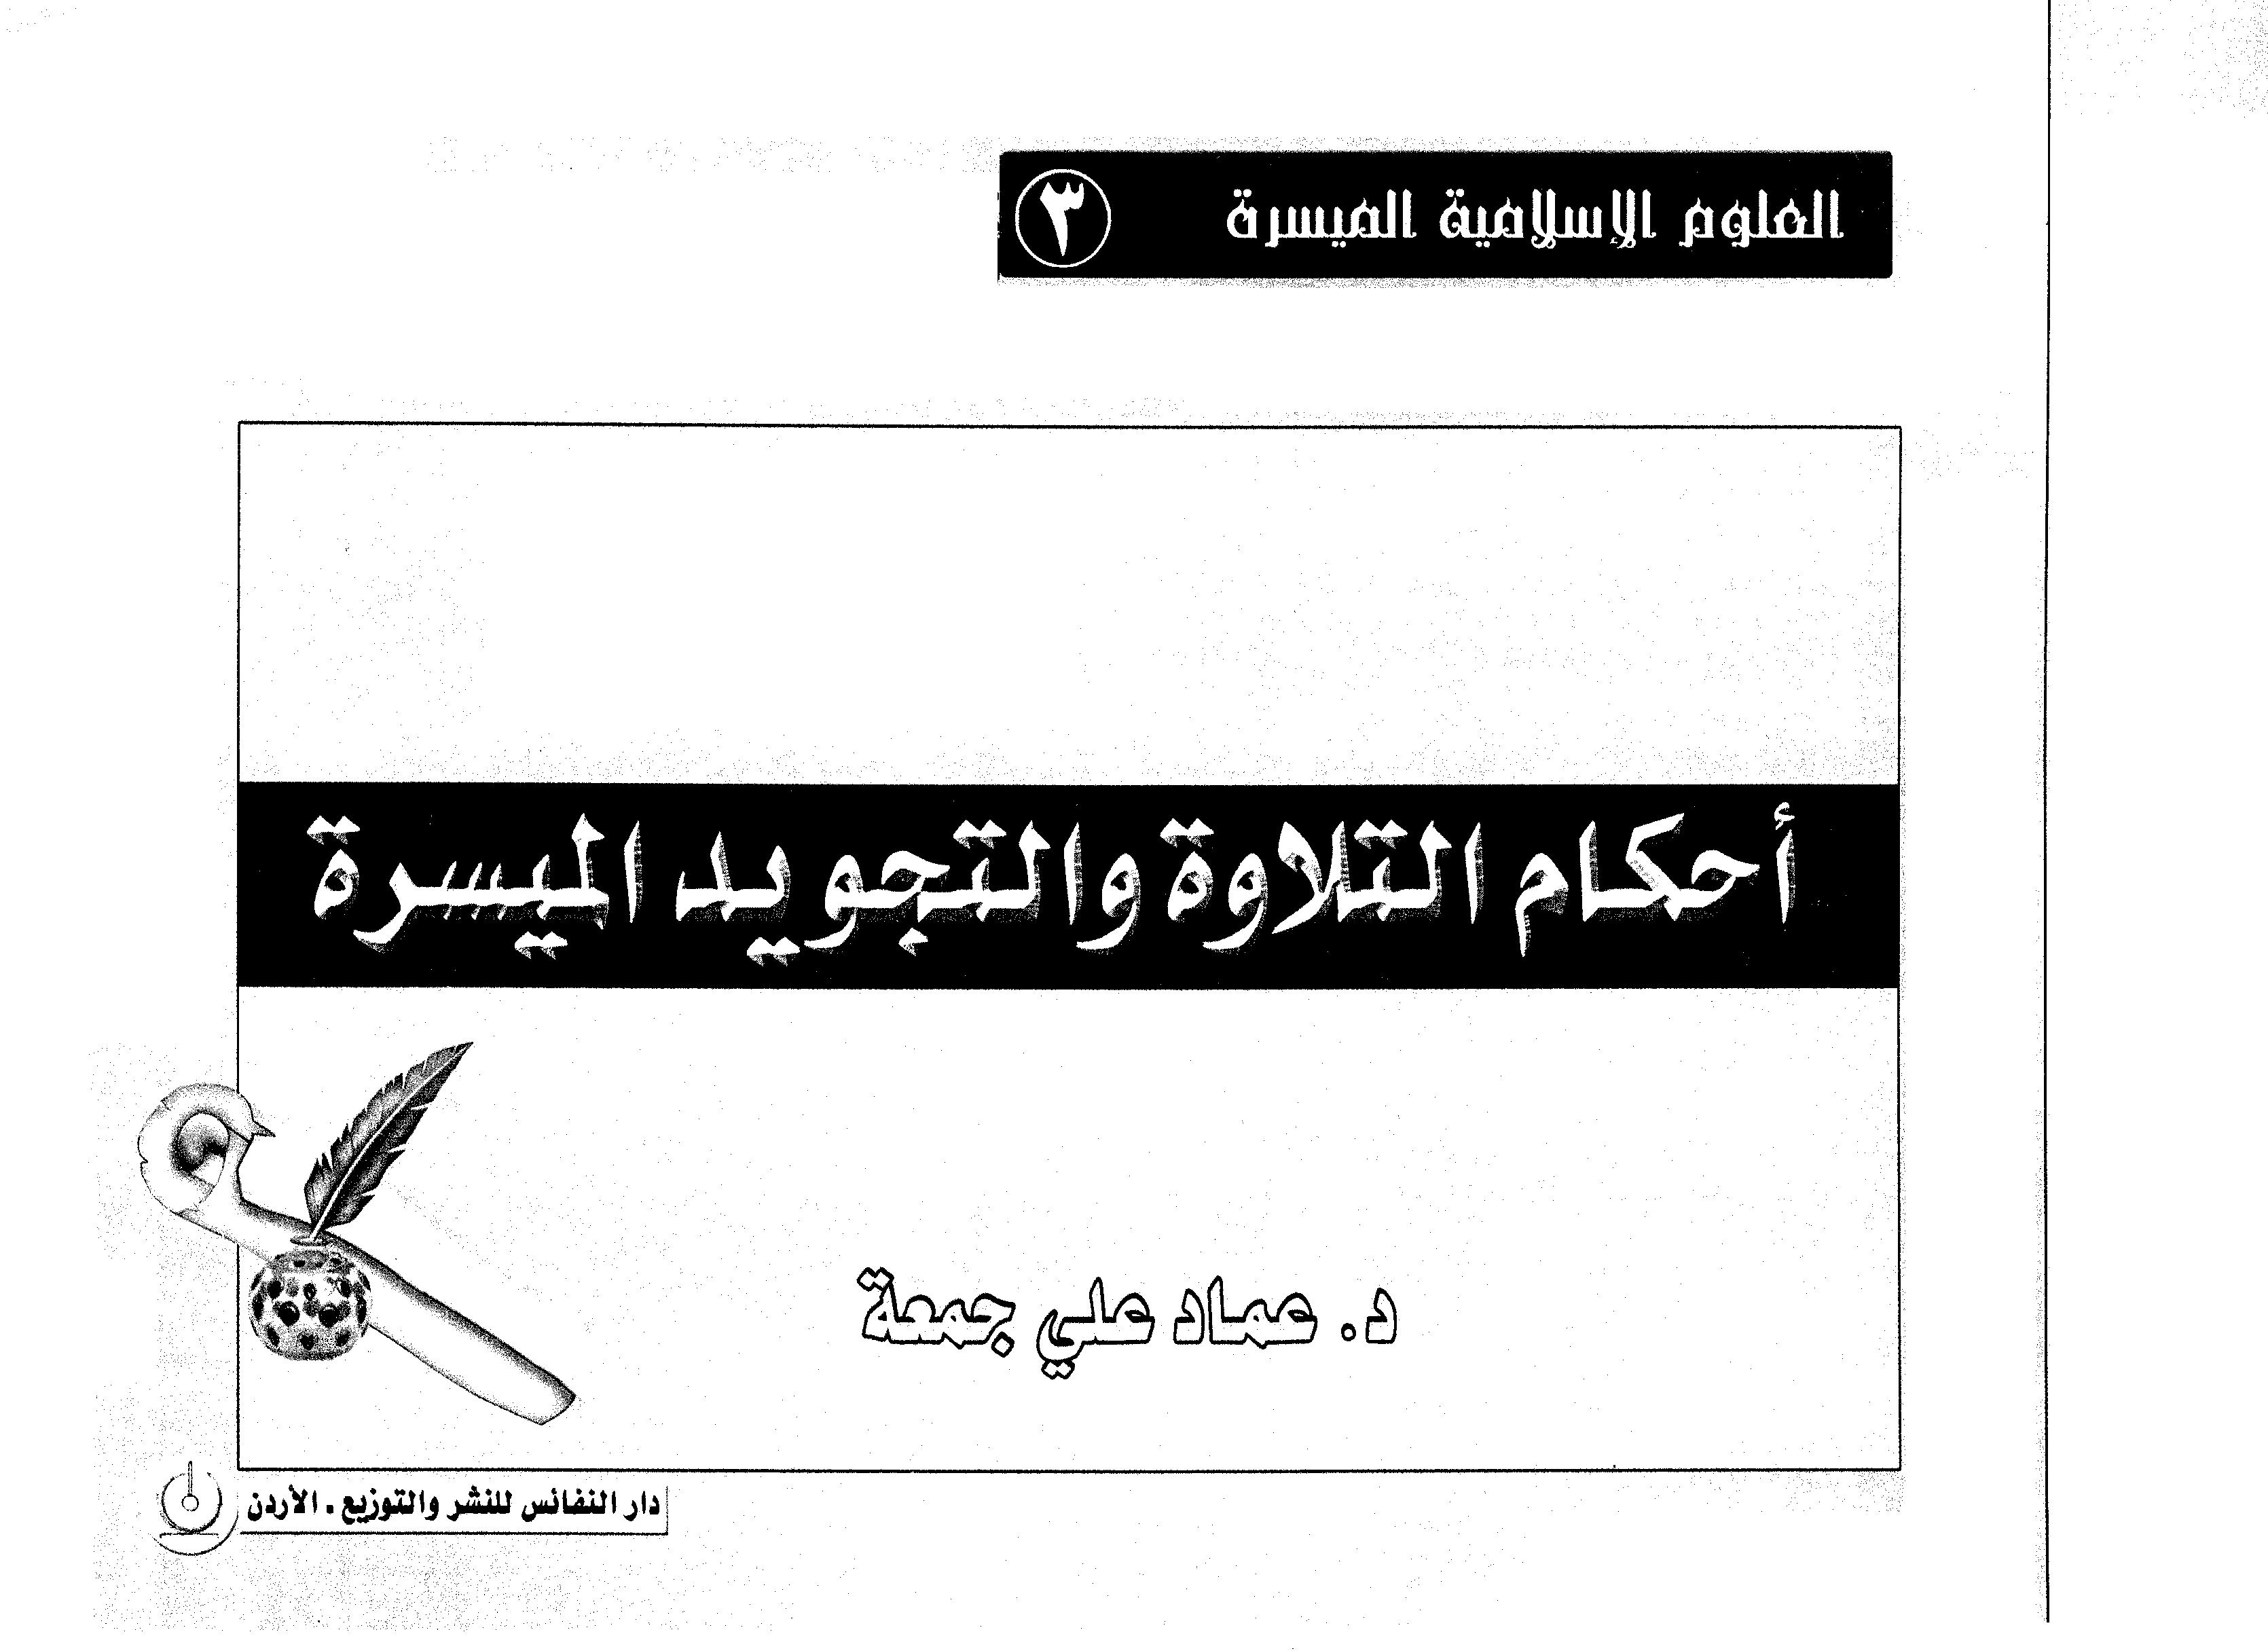 أحكام التلاوة والتجويد الميسرة - عماد علي جمعة